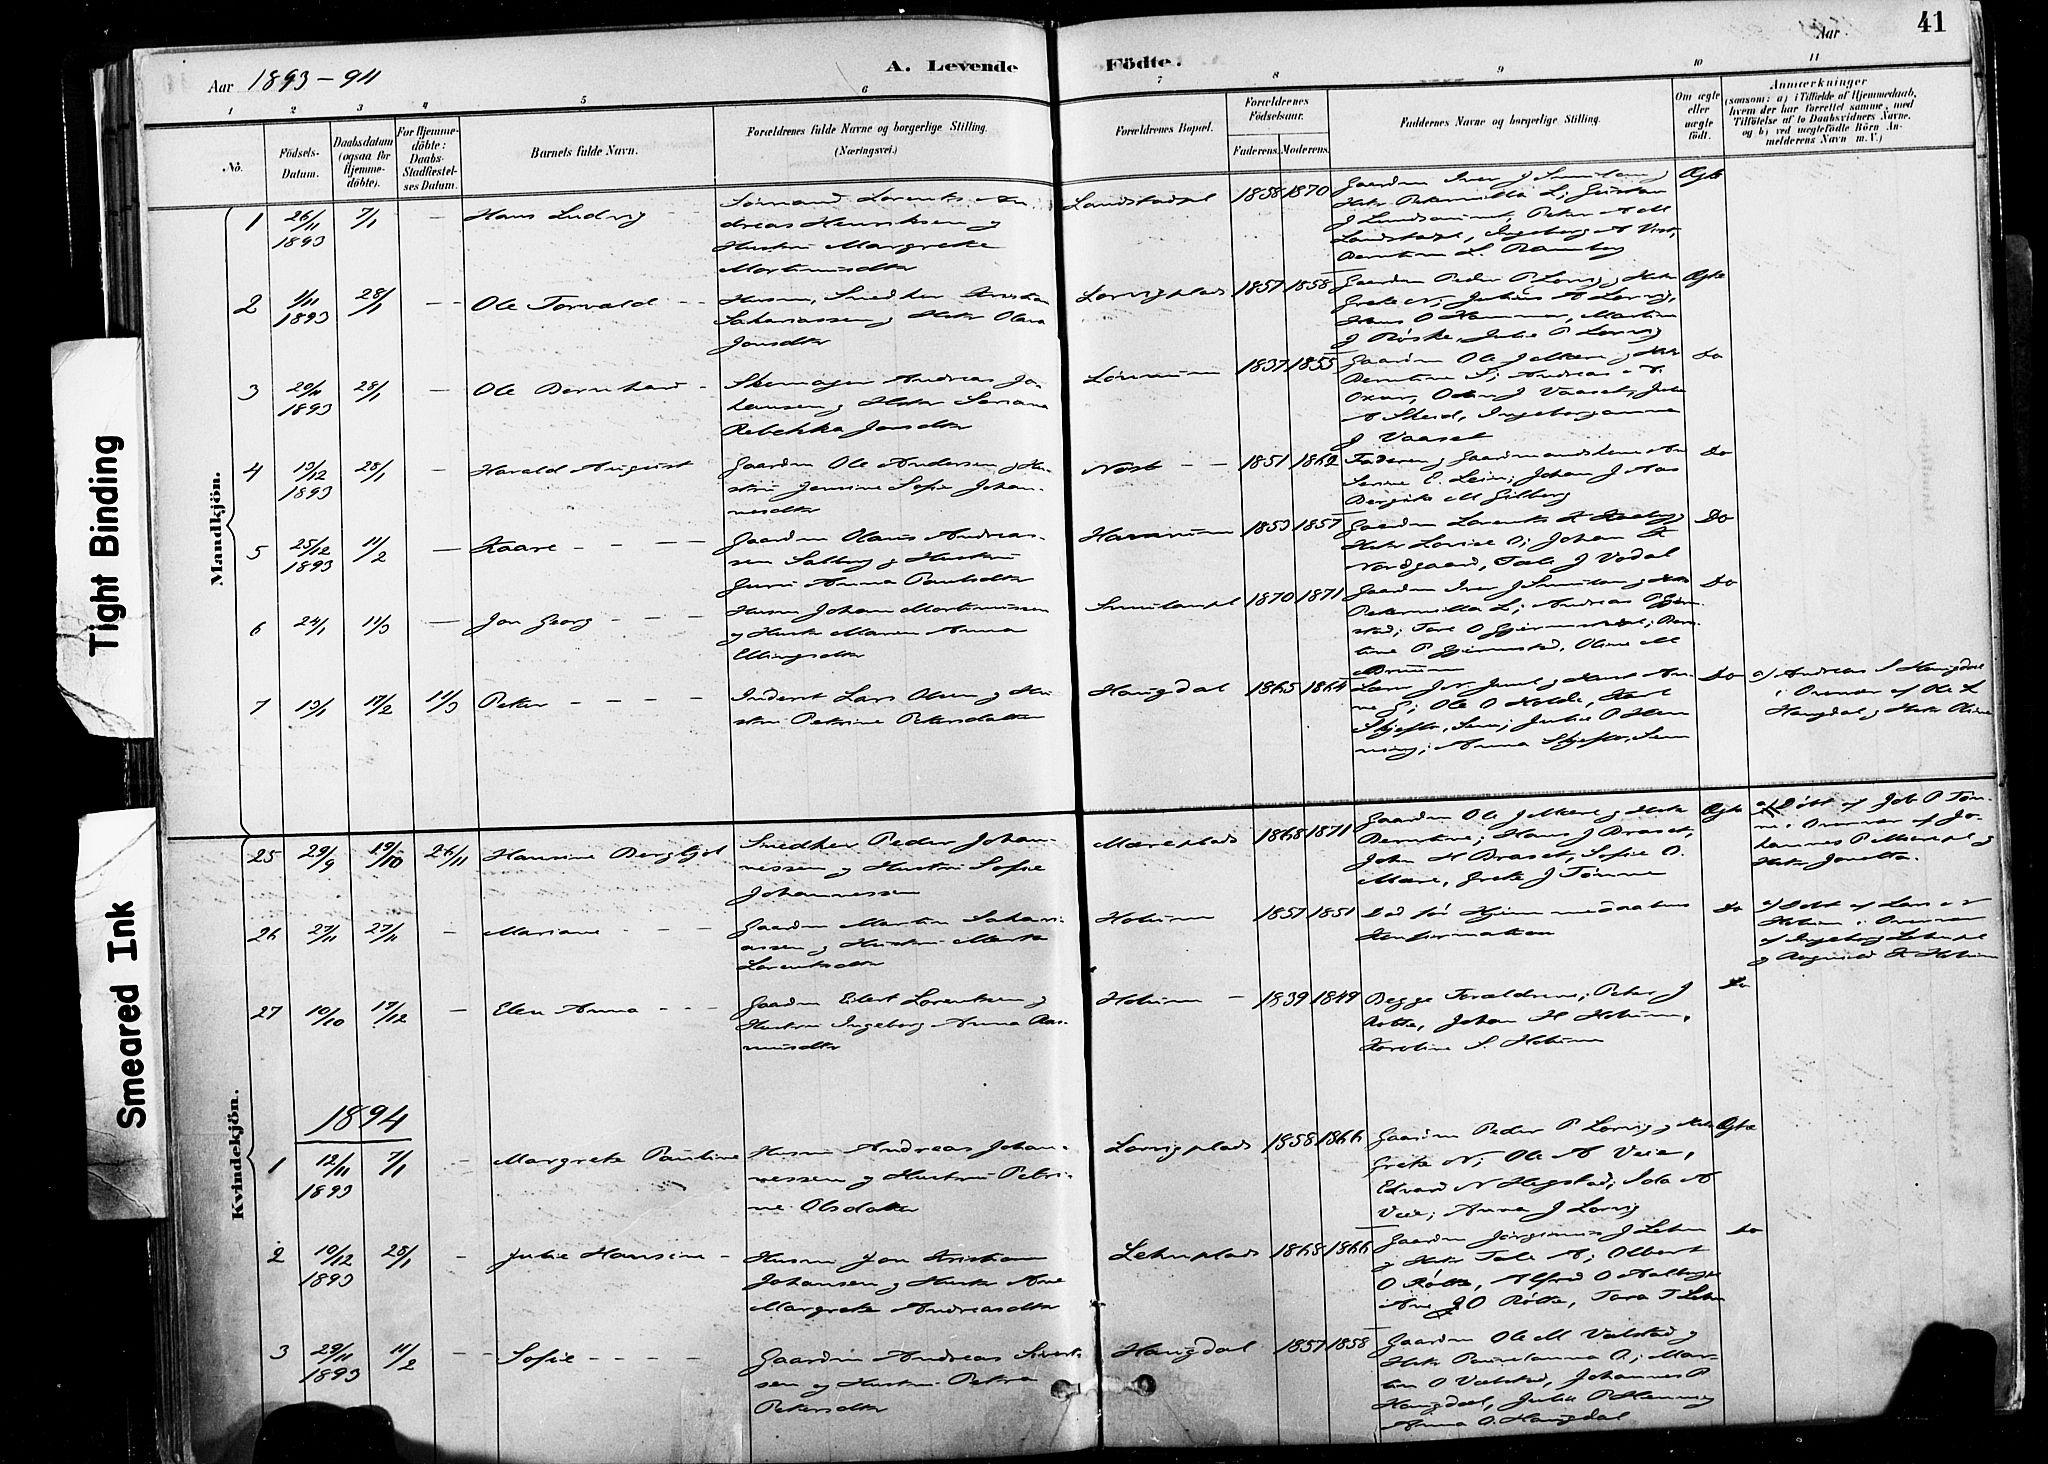 SAT, Ministerialprotokoller, klokkerbøker og fødselsregistre - Nord-Trøndelag, 735/L0351: Ministerialbok nr. 735A10, 1884-1908, s. 41